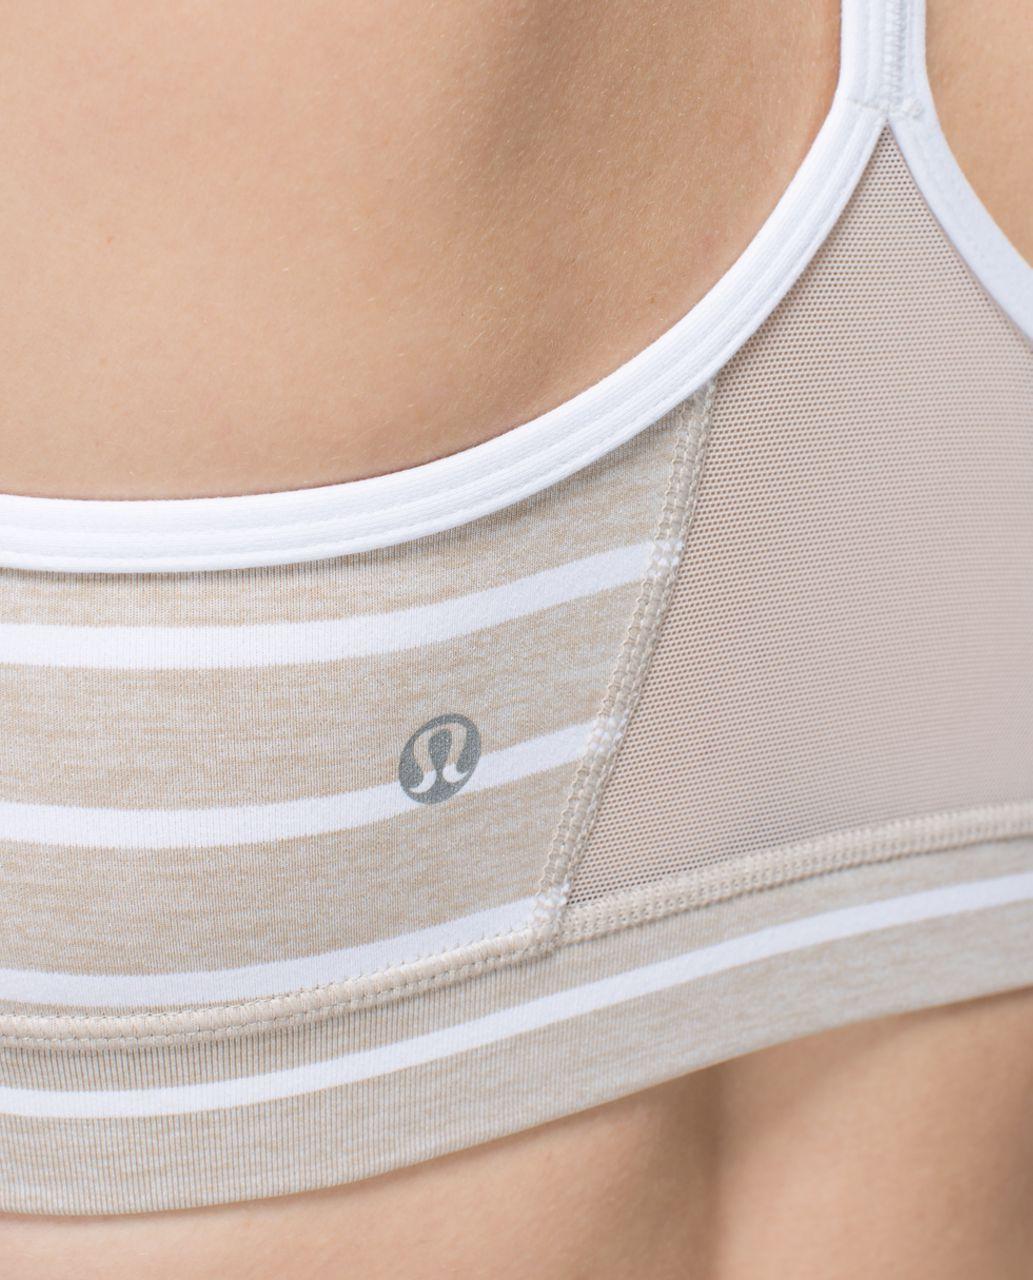 Lululemon Flow Y Bra IV - Deauville Stripe Heathered Cashew White / White / Cashew